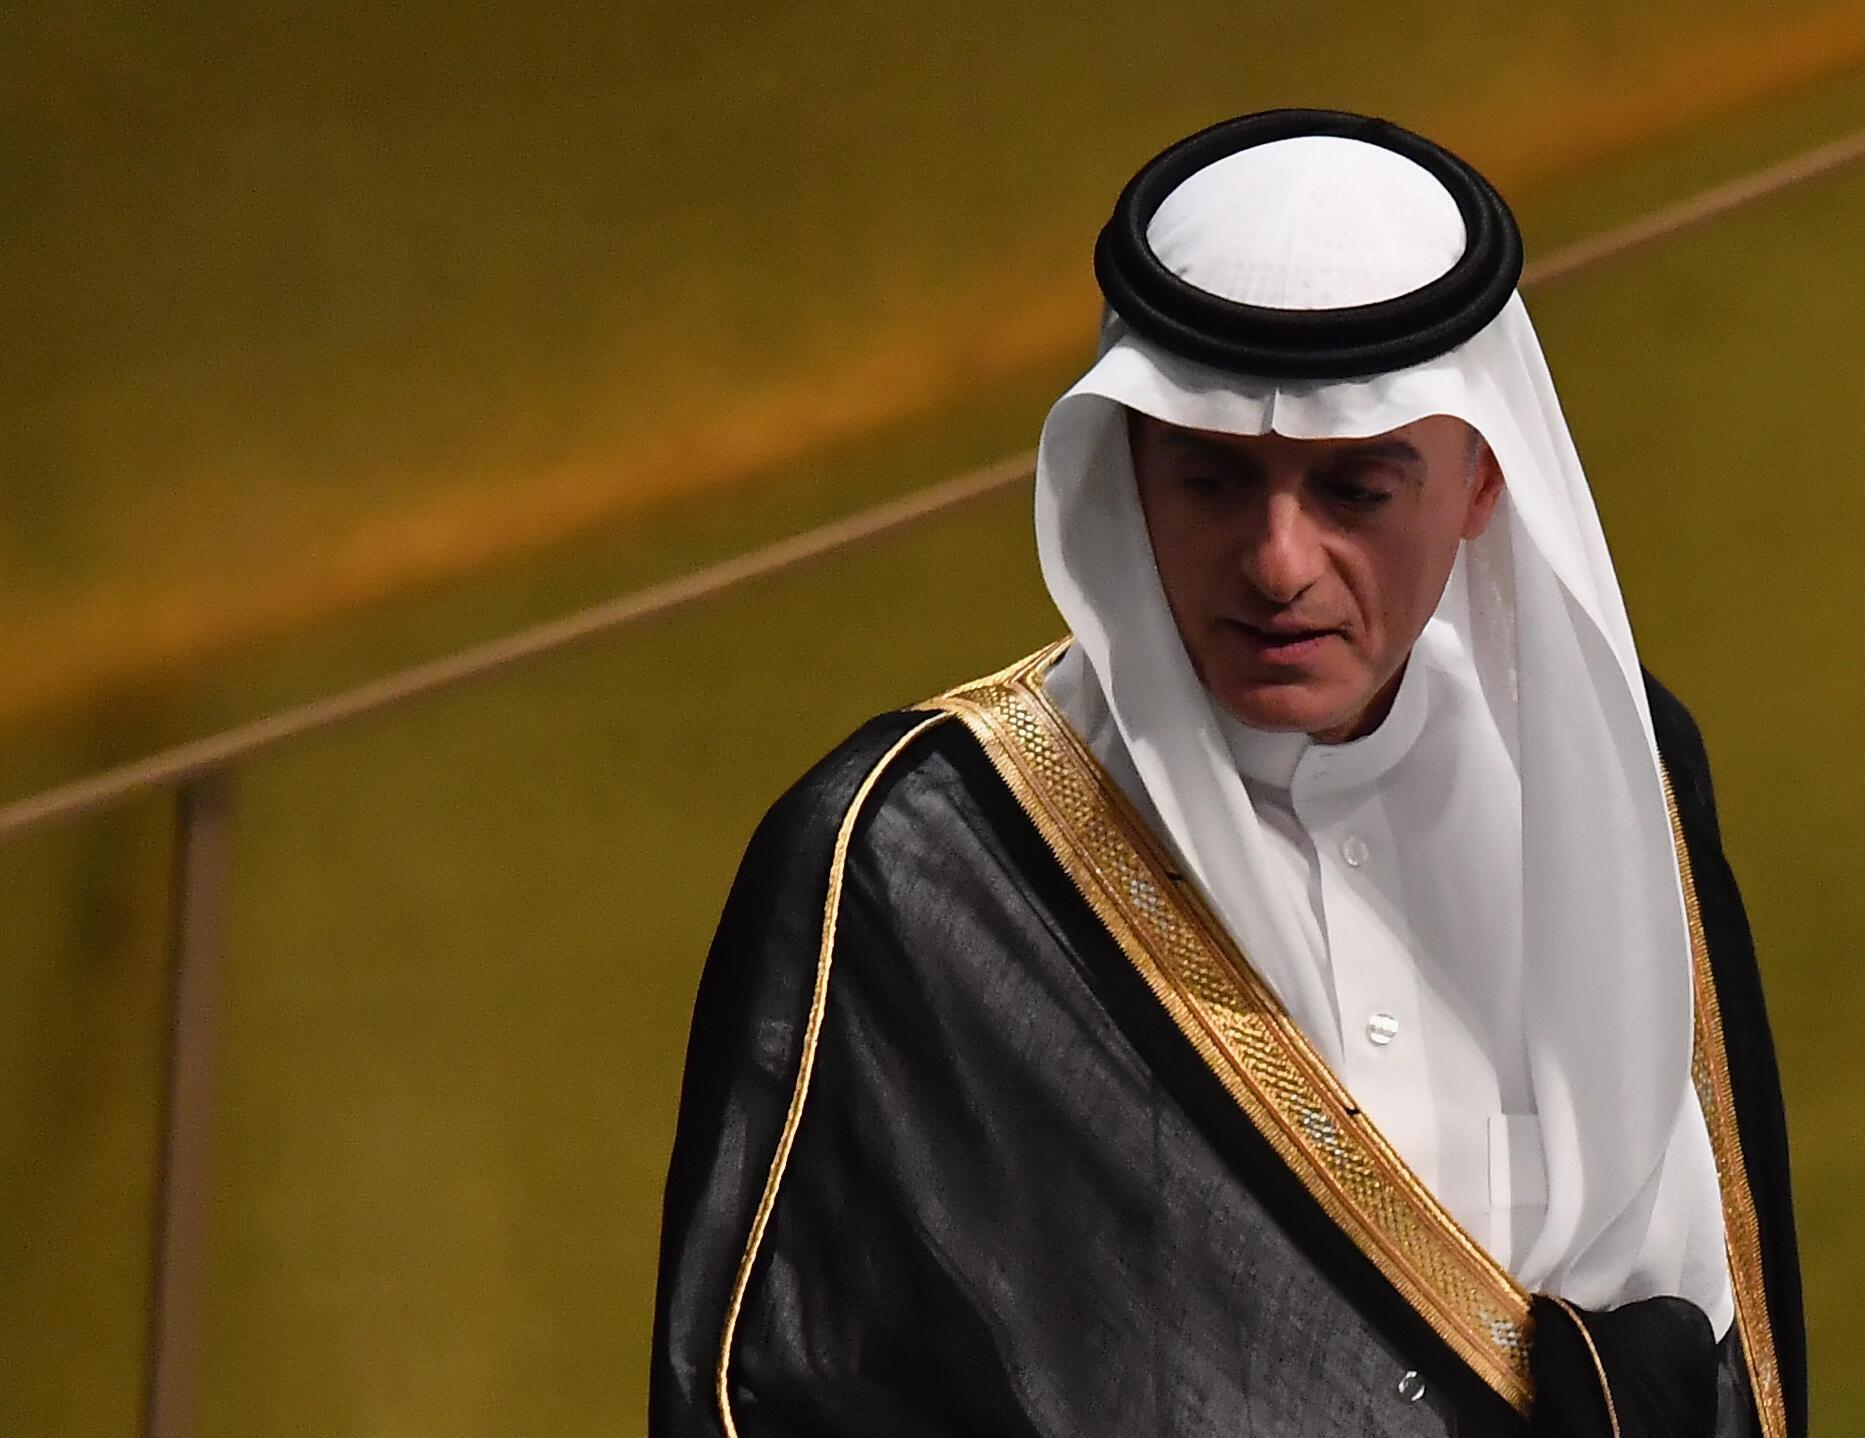 Ngoại trưởng Ả Rập Xê Út Adel al-Jubeir, tại Liên Hiệp Quốc, ngày 28/09/2018.